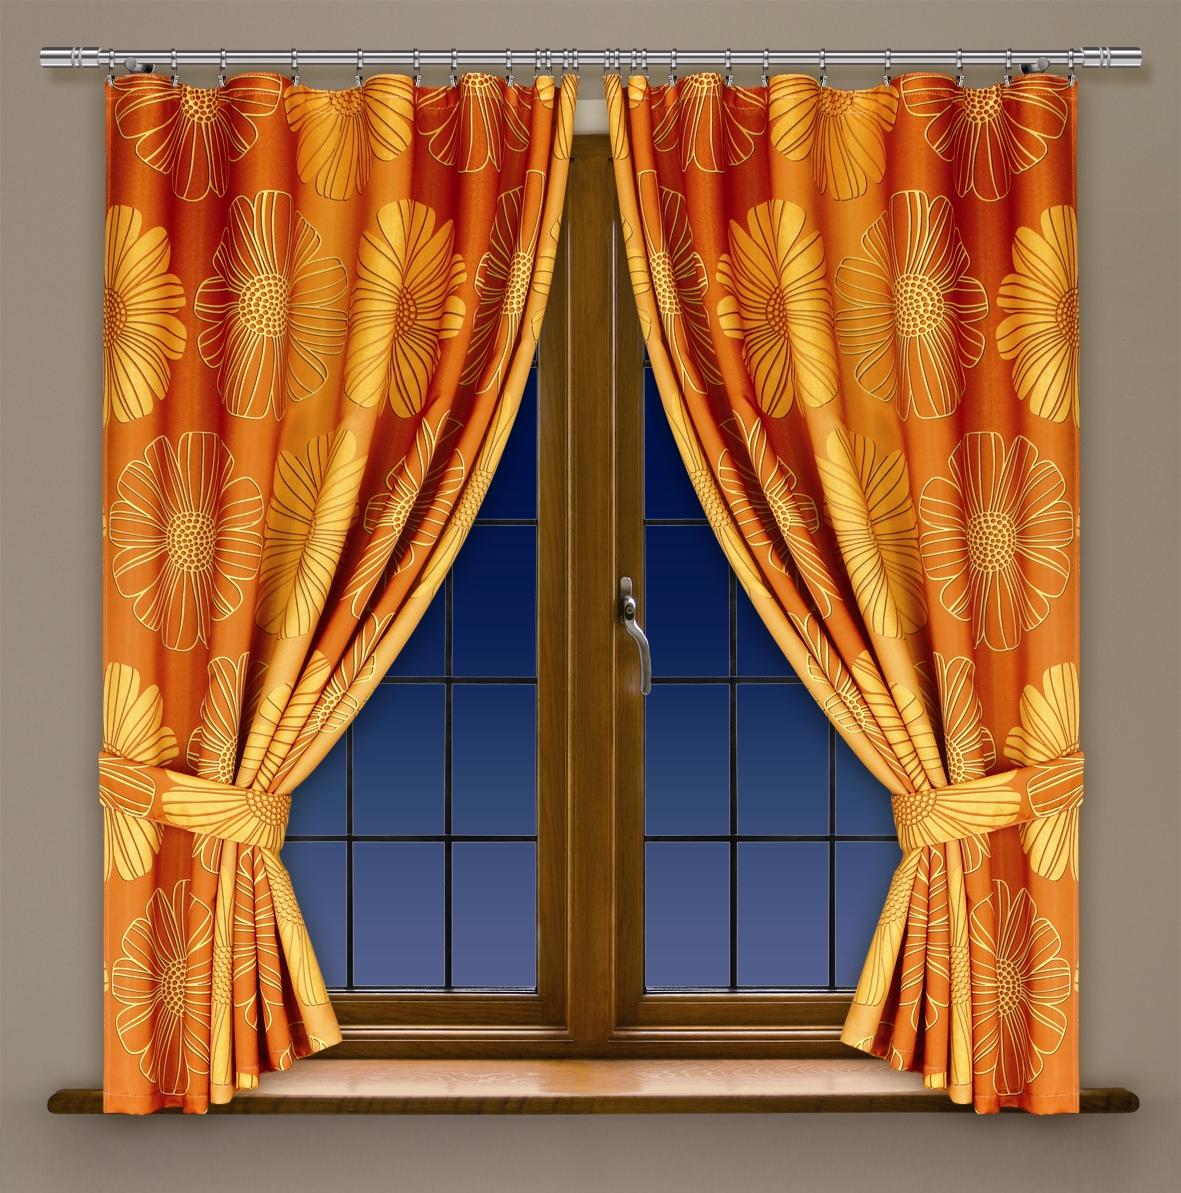 Комплект шторд для кухни HAFT 170*160*2. 201492/170201492/170Комплект шторд для кухни XAFT 170*160*2. 201492/170 Материал: 100% п/э, размер: 170*160*2, цвет: оранжевый